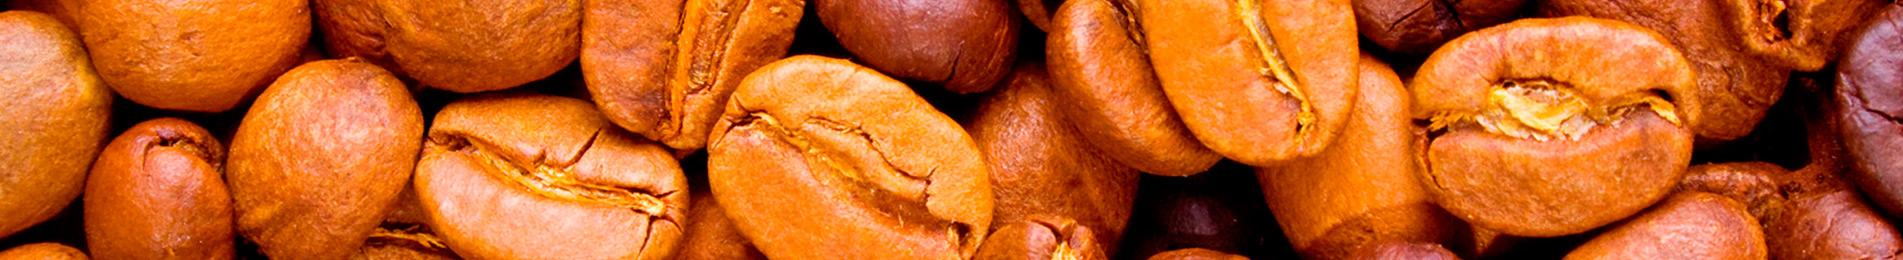 Control de plagas en la industria alimentaria - Fumigaciones Valencia